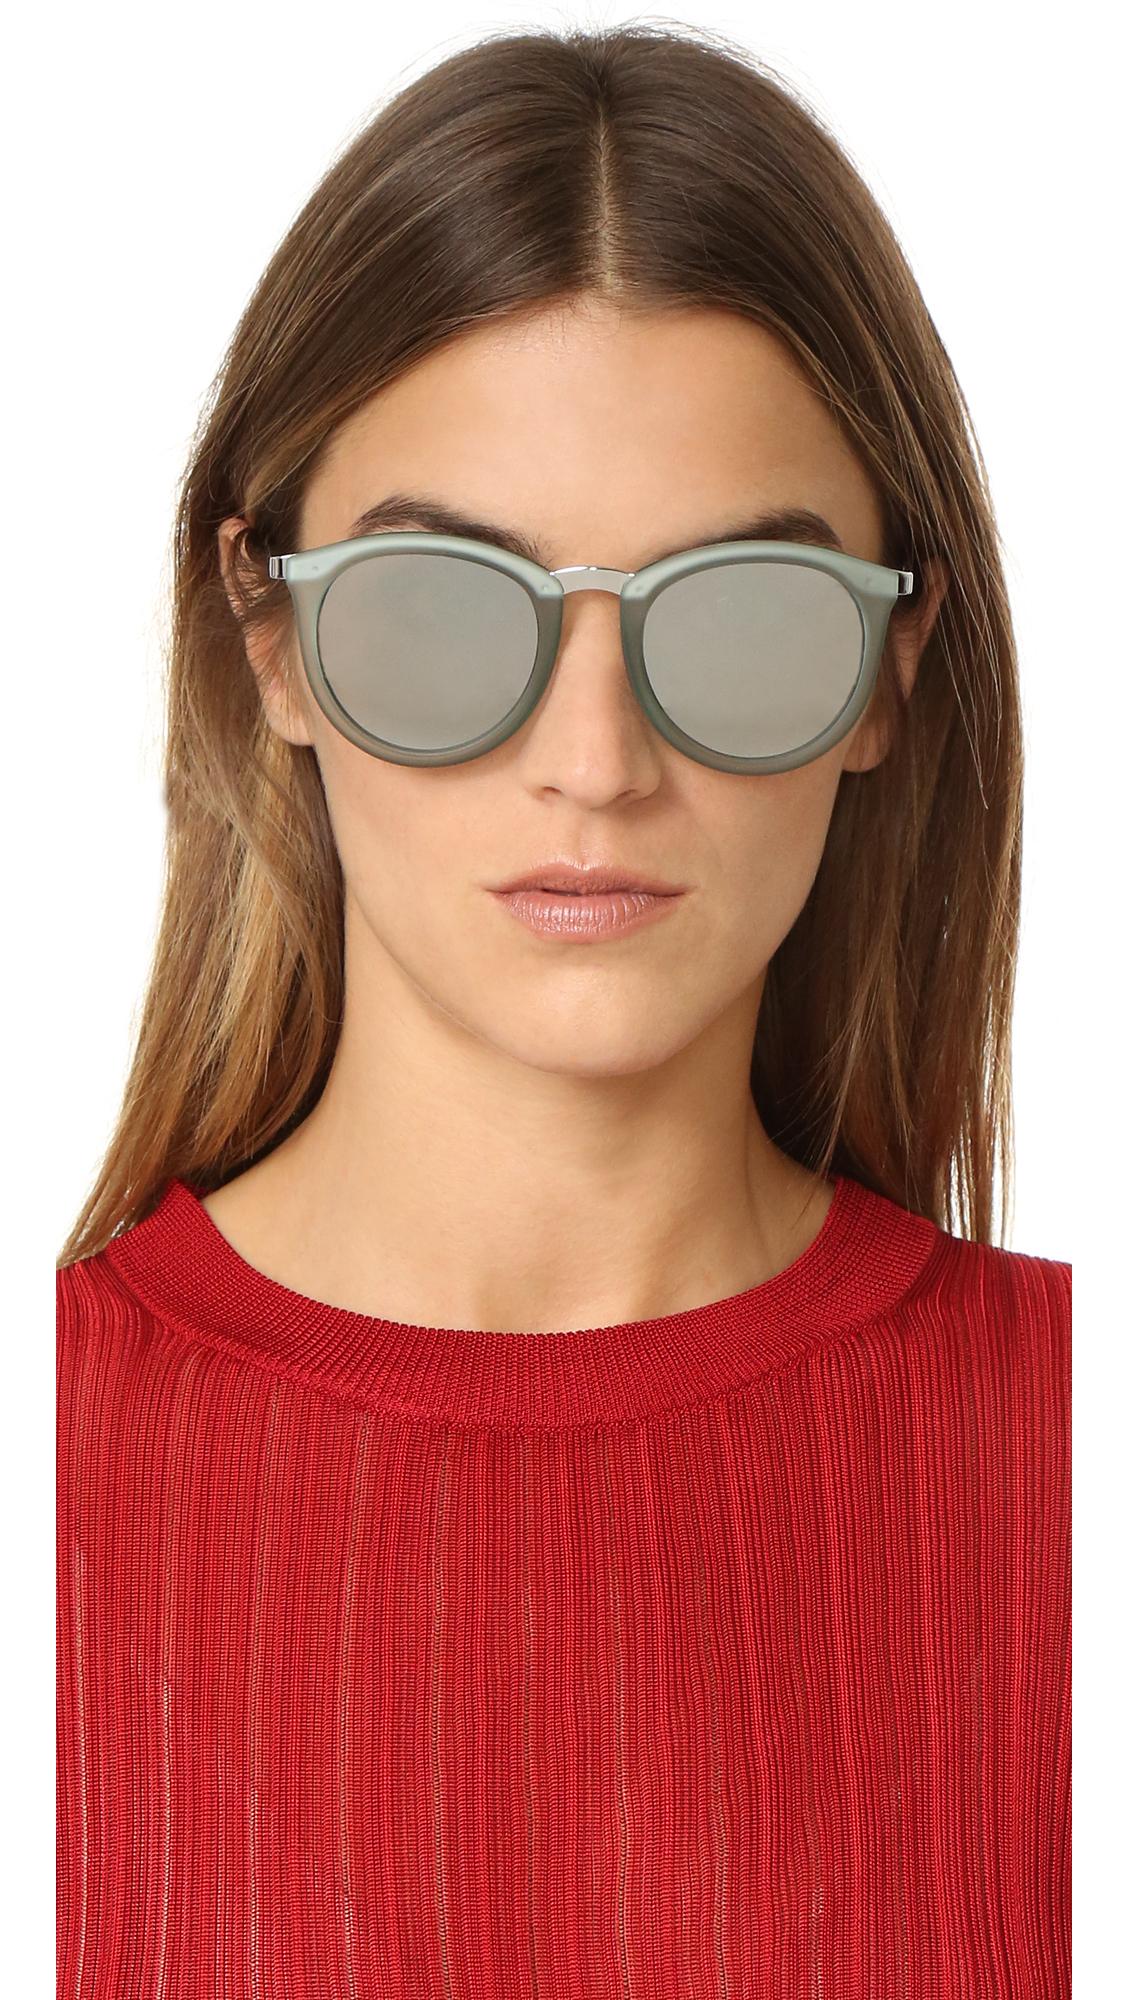 17e3702da4 Le Specs No Smirking Mirrored Sunglasses